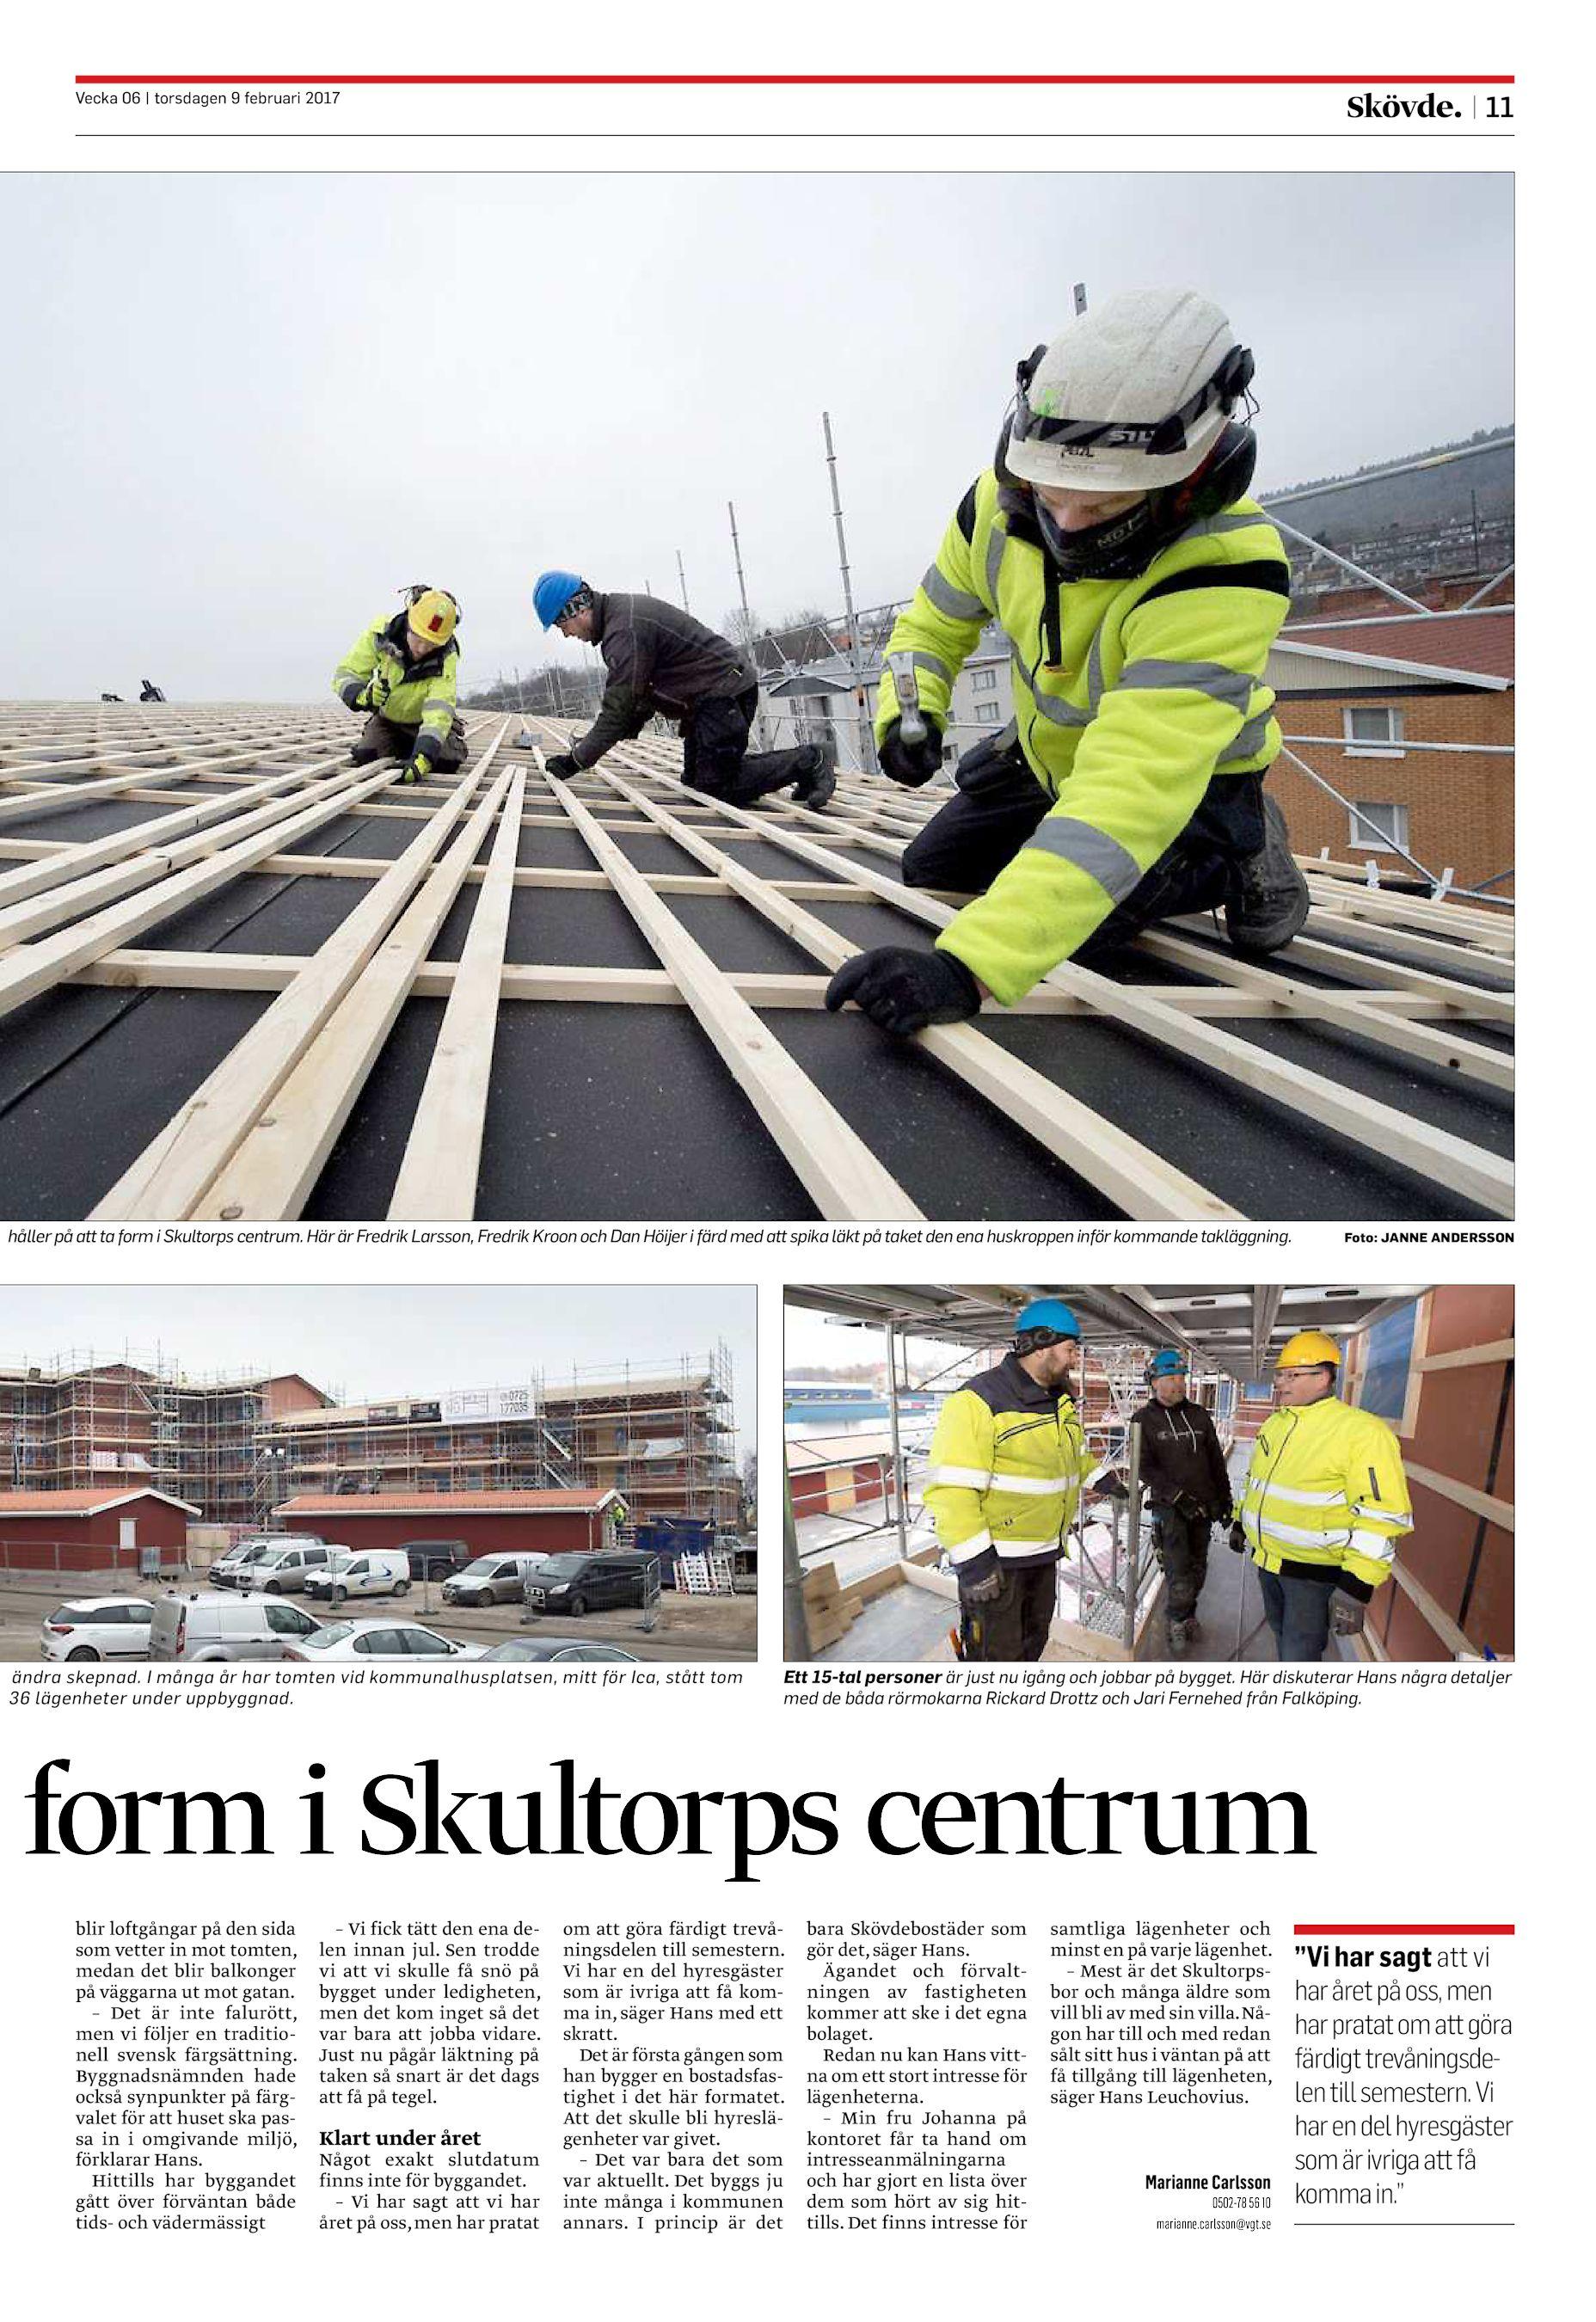 Sverkilsvgen 18 Vstra Gtalands ln, Skvde - patient-survey.net